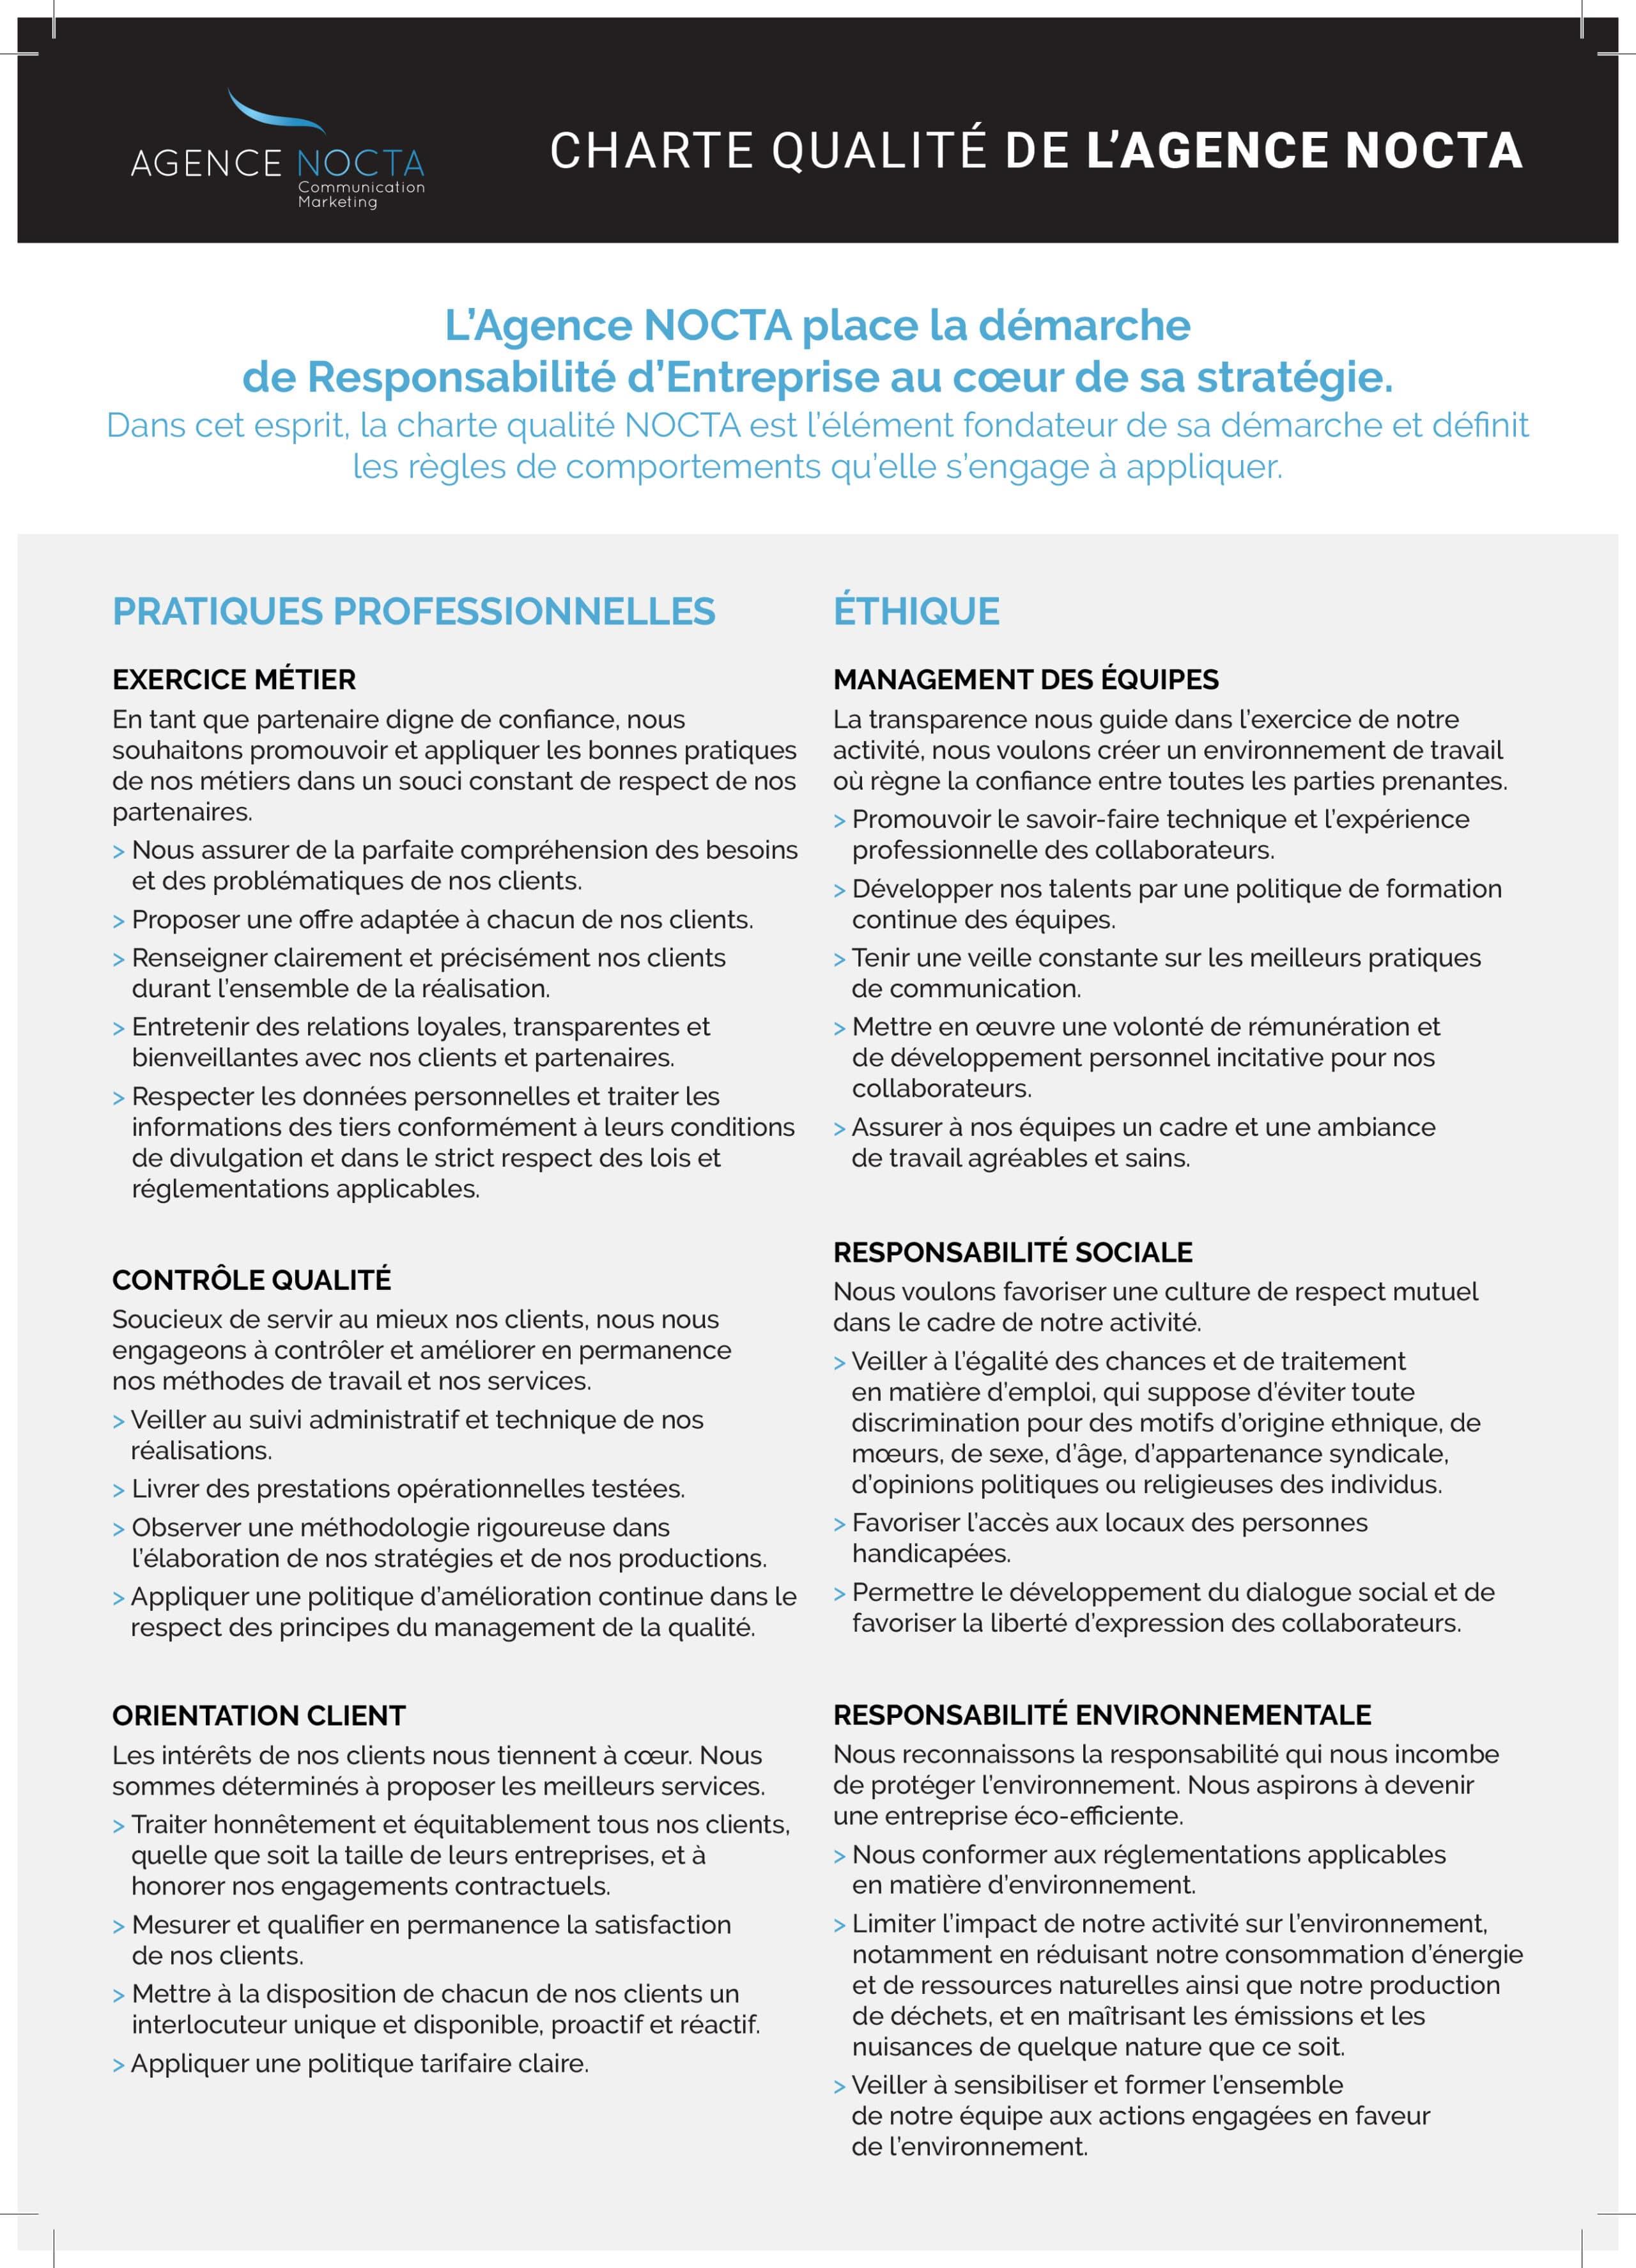 Agence NOCTA - Charte qualité